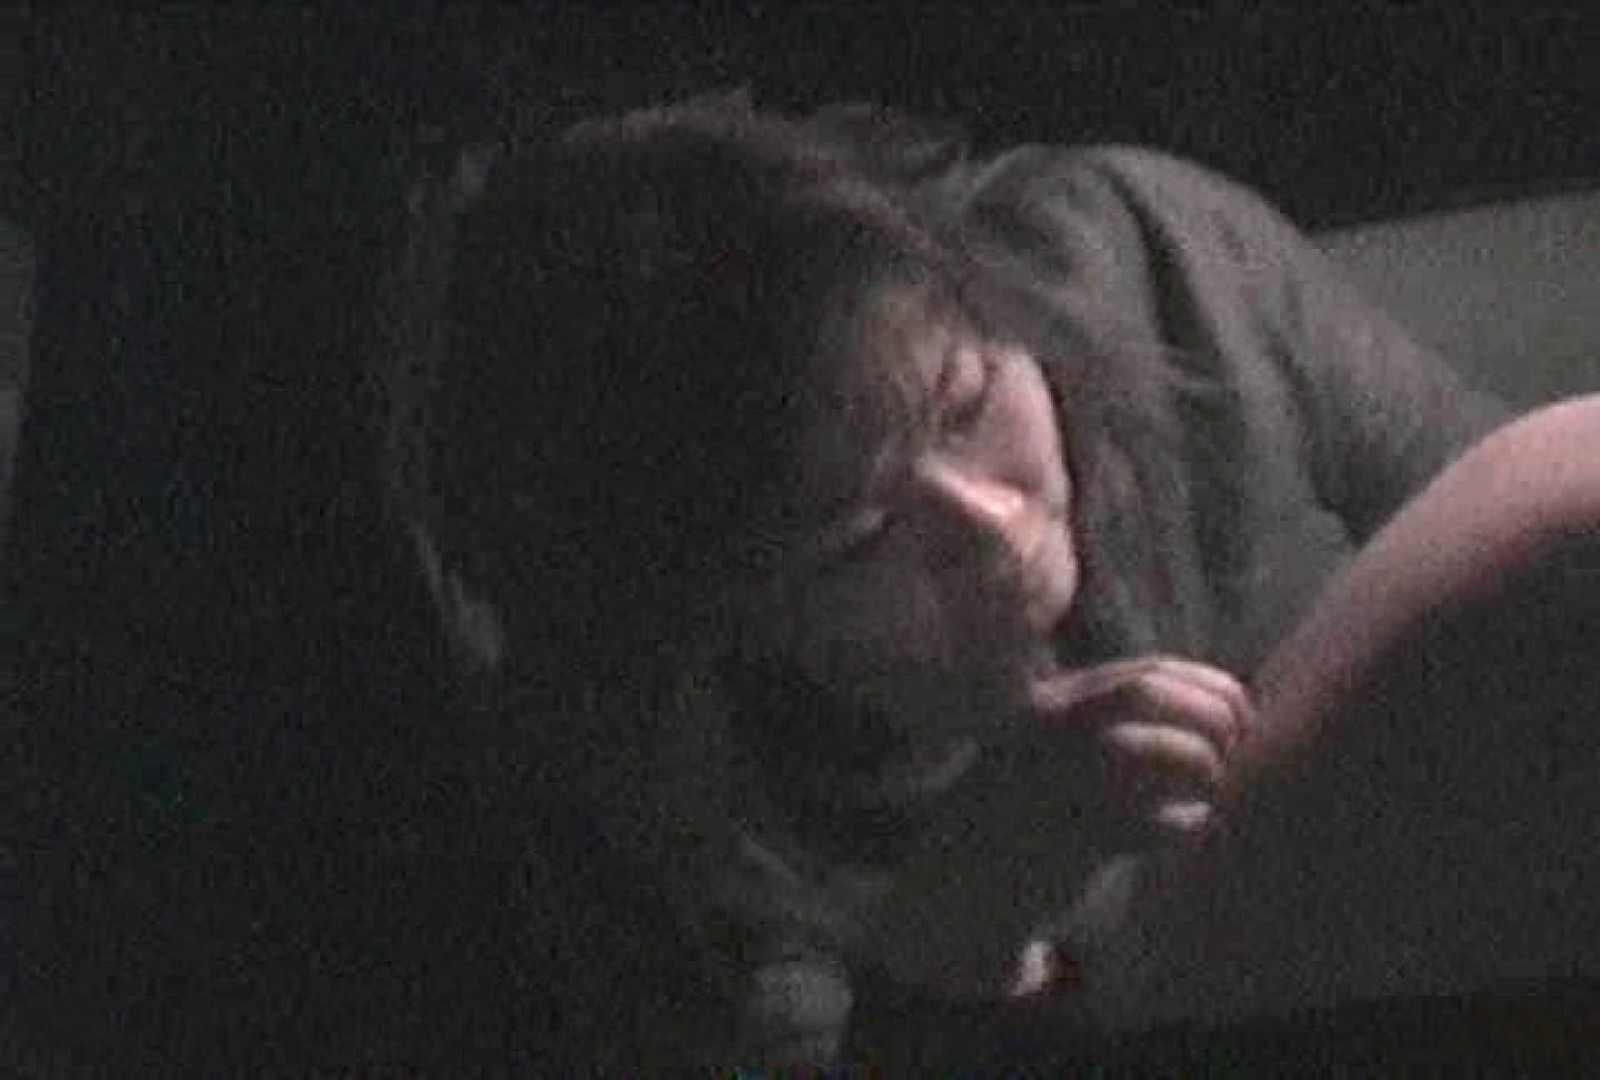 充血監督の深夜の運動会Vol.96 ギャルのエロ動画 AV無料 106画像 24